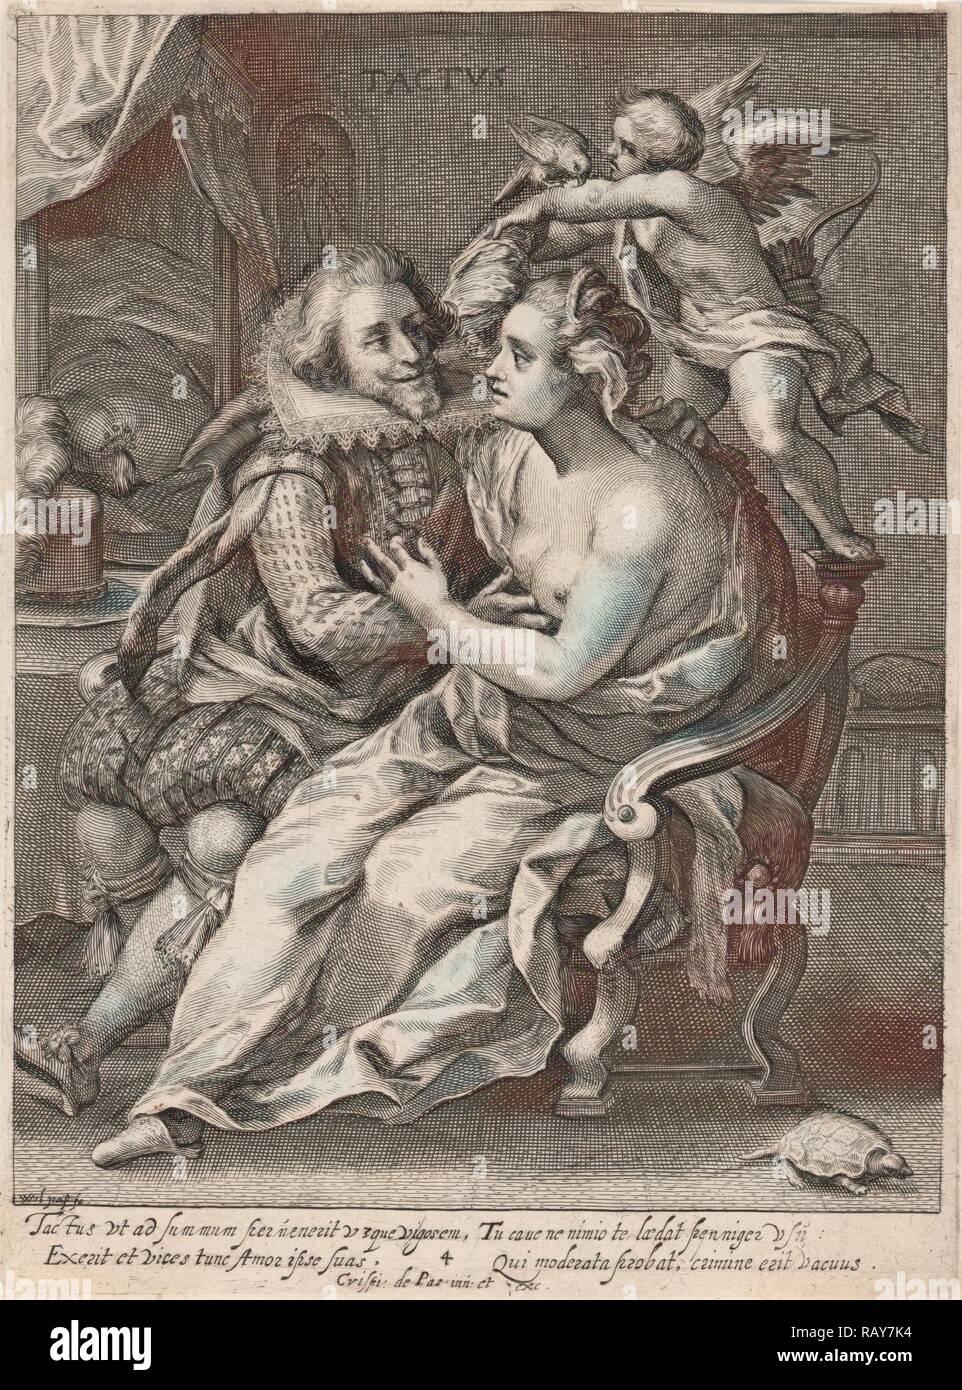 Toque, Willem van de Passe, Crispijn van de Passe (I), 1607 - 1637. Reimagined by Gibon. Arte clásico con un moderno reinventado Imagen De Stock